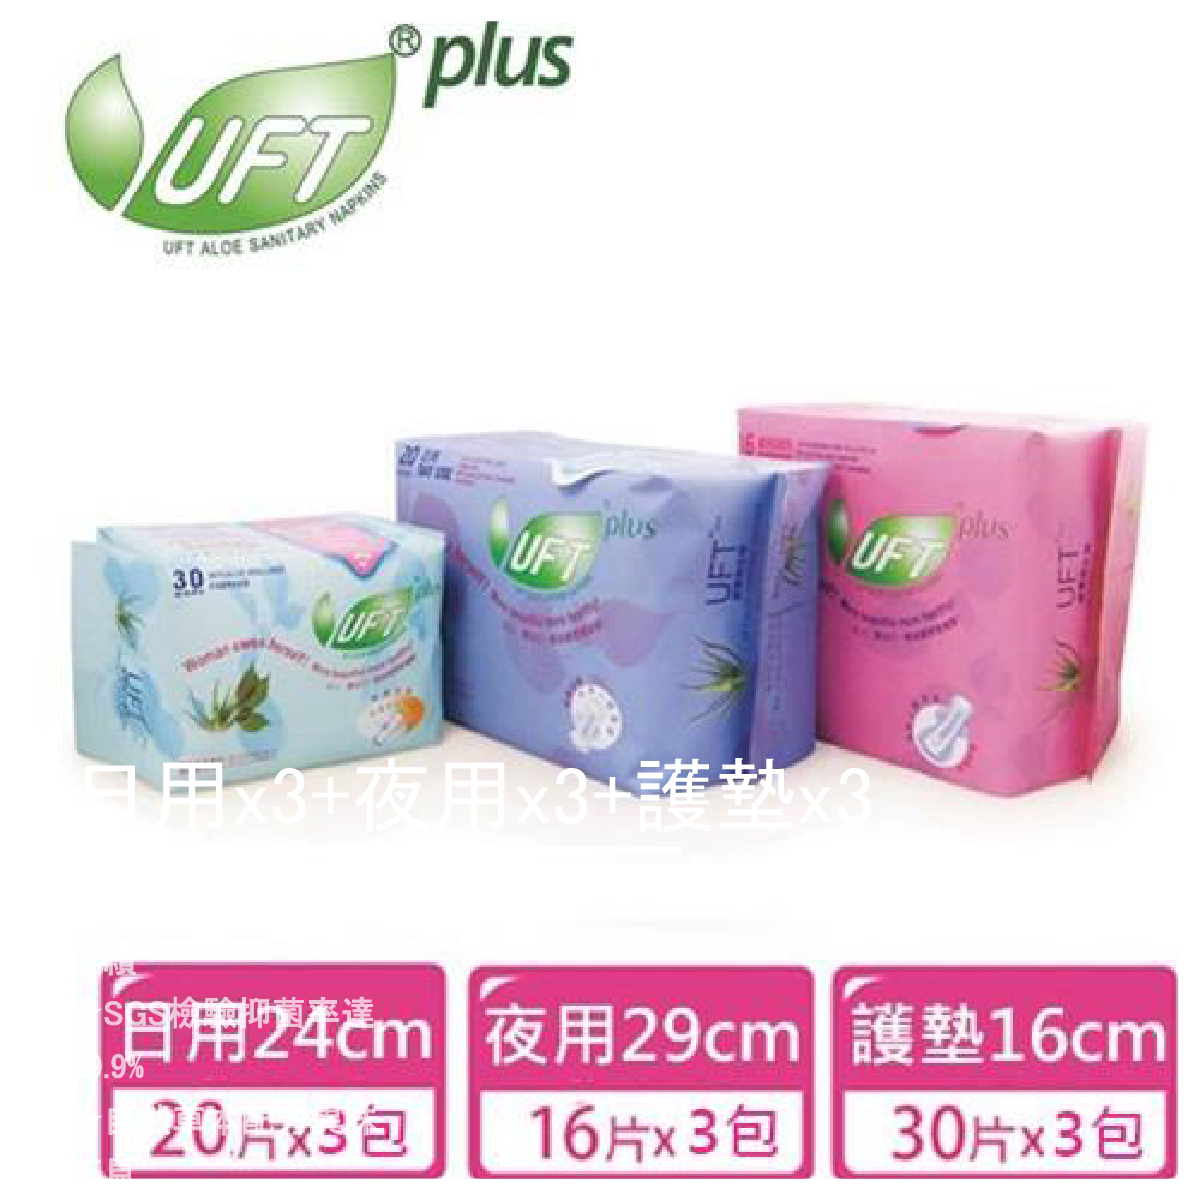 【芫茂UFT】草本蘆薈衛生棉(日用x3+夜用x3+護墊x3)